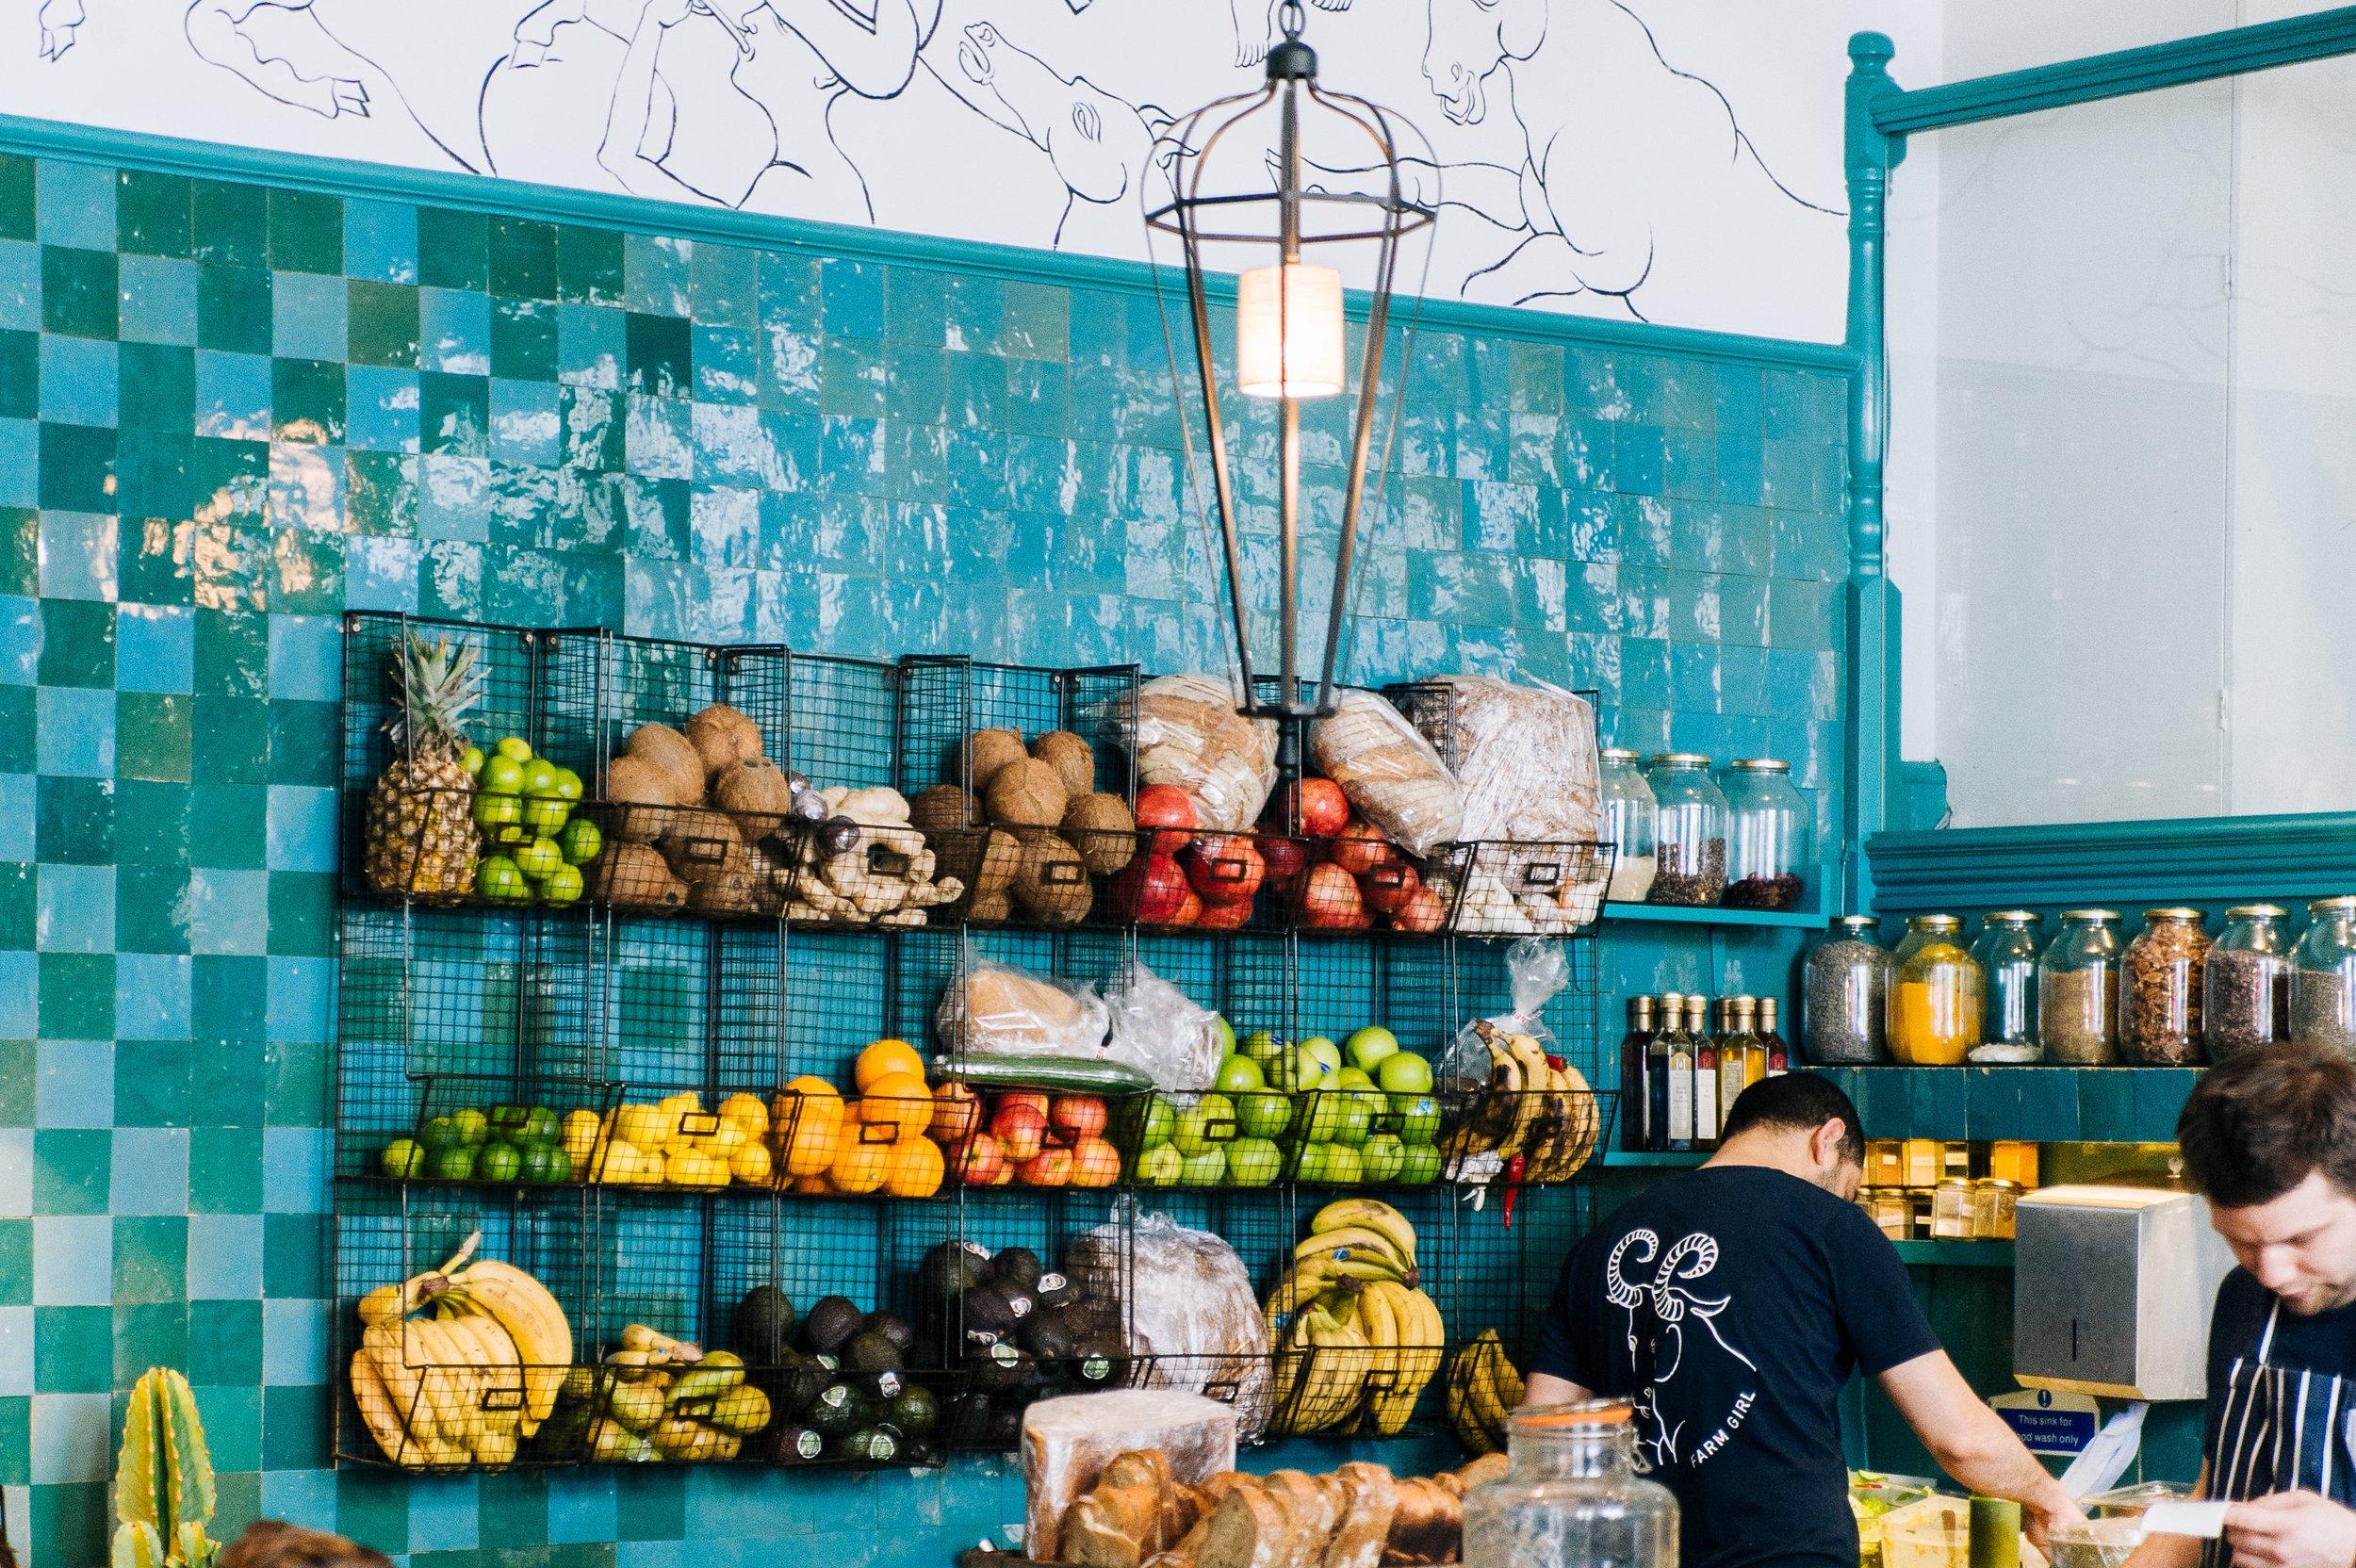 apples-bananas-breads-709838.jpg